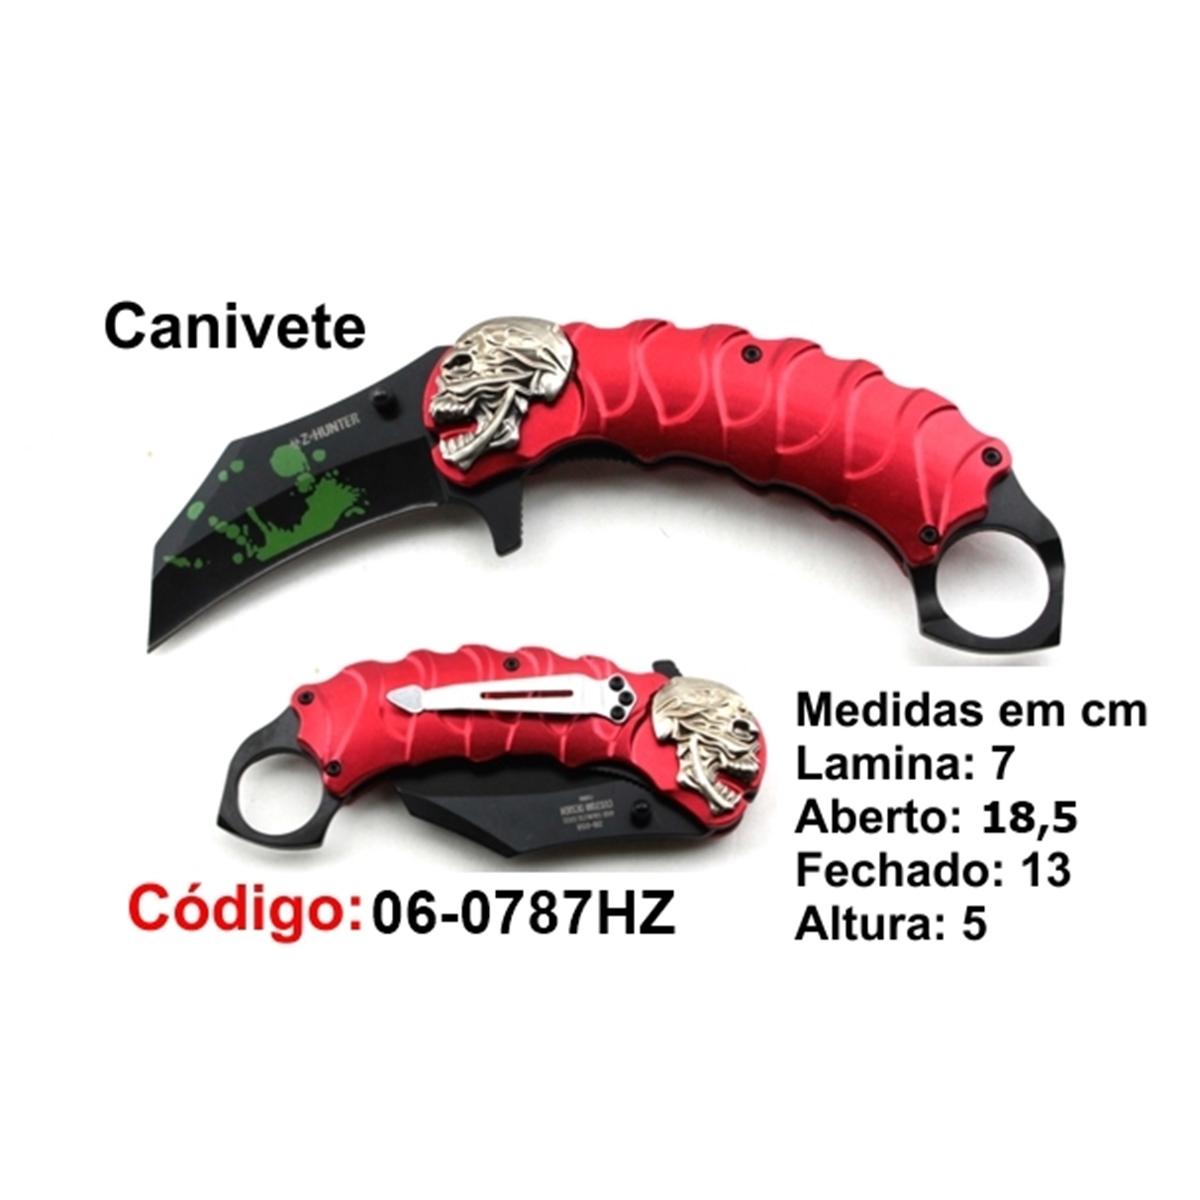 Canivete Esportivo Caça Pesca Etc. 06-0787HZ